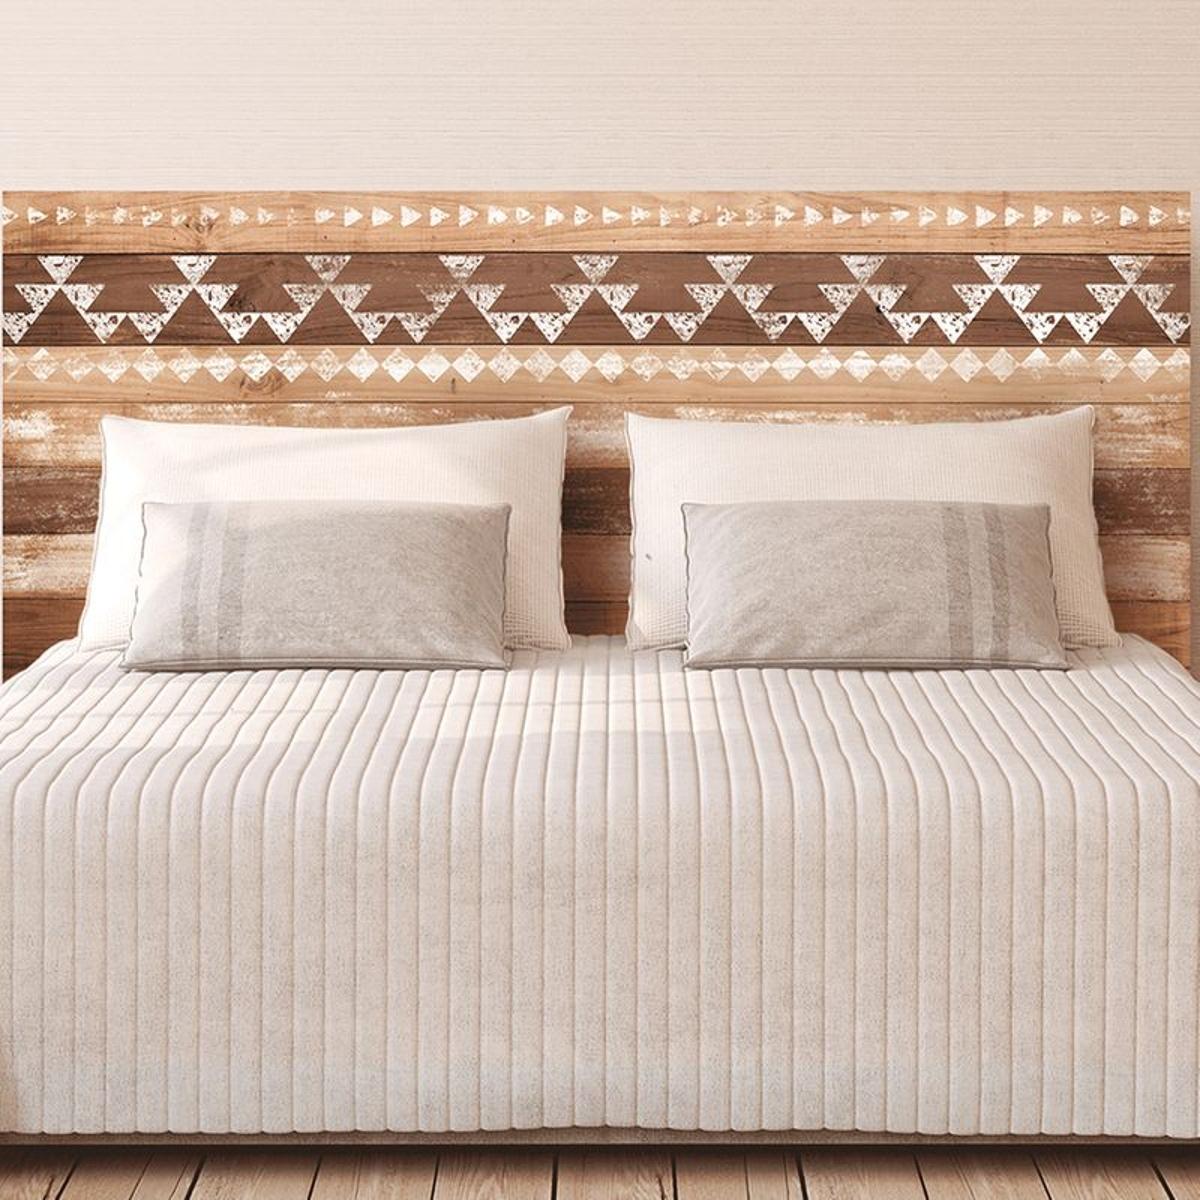 Autocollant mural tête de lit planches de bois - Ethnic